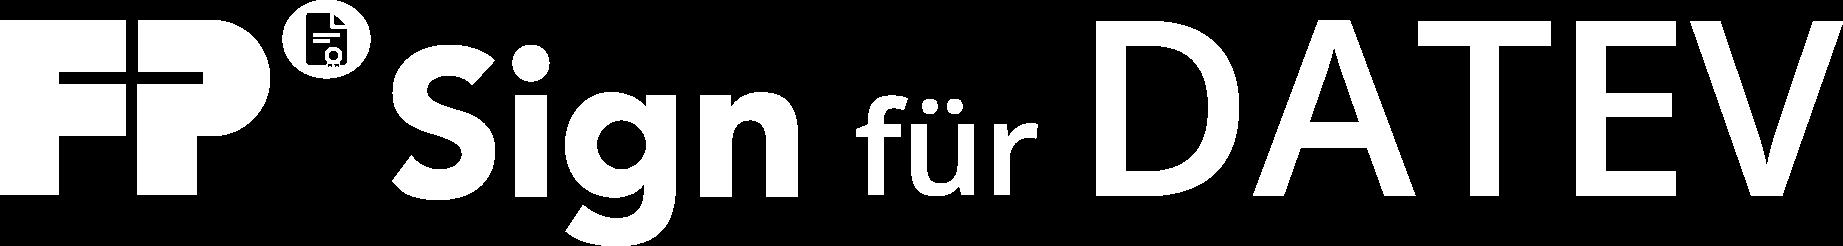 FP Sign für Datev-weiß